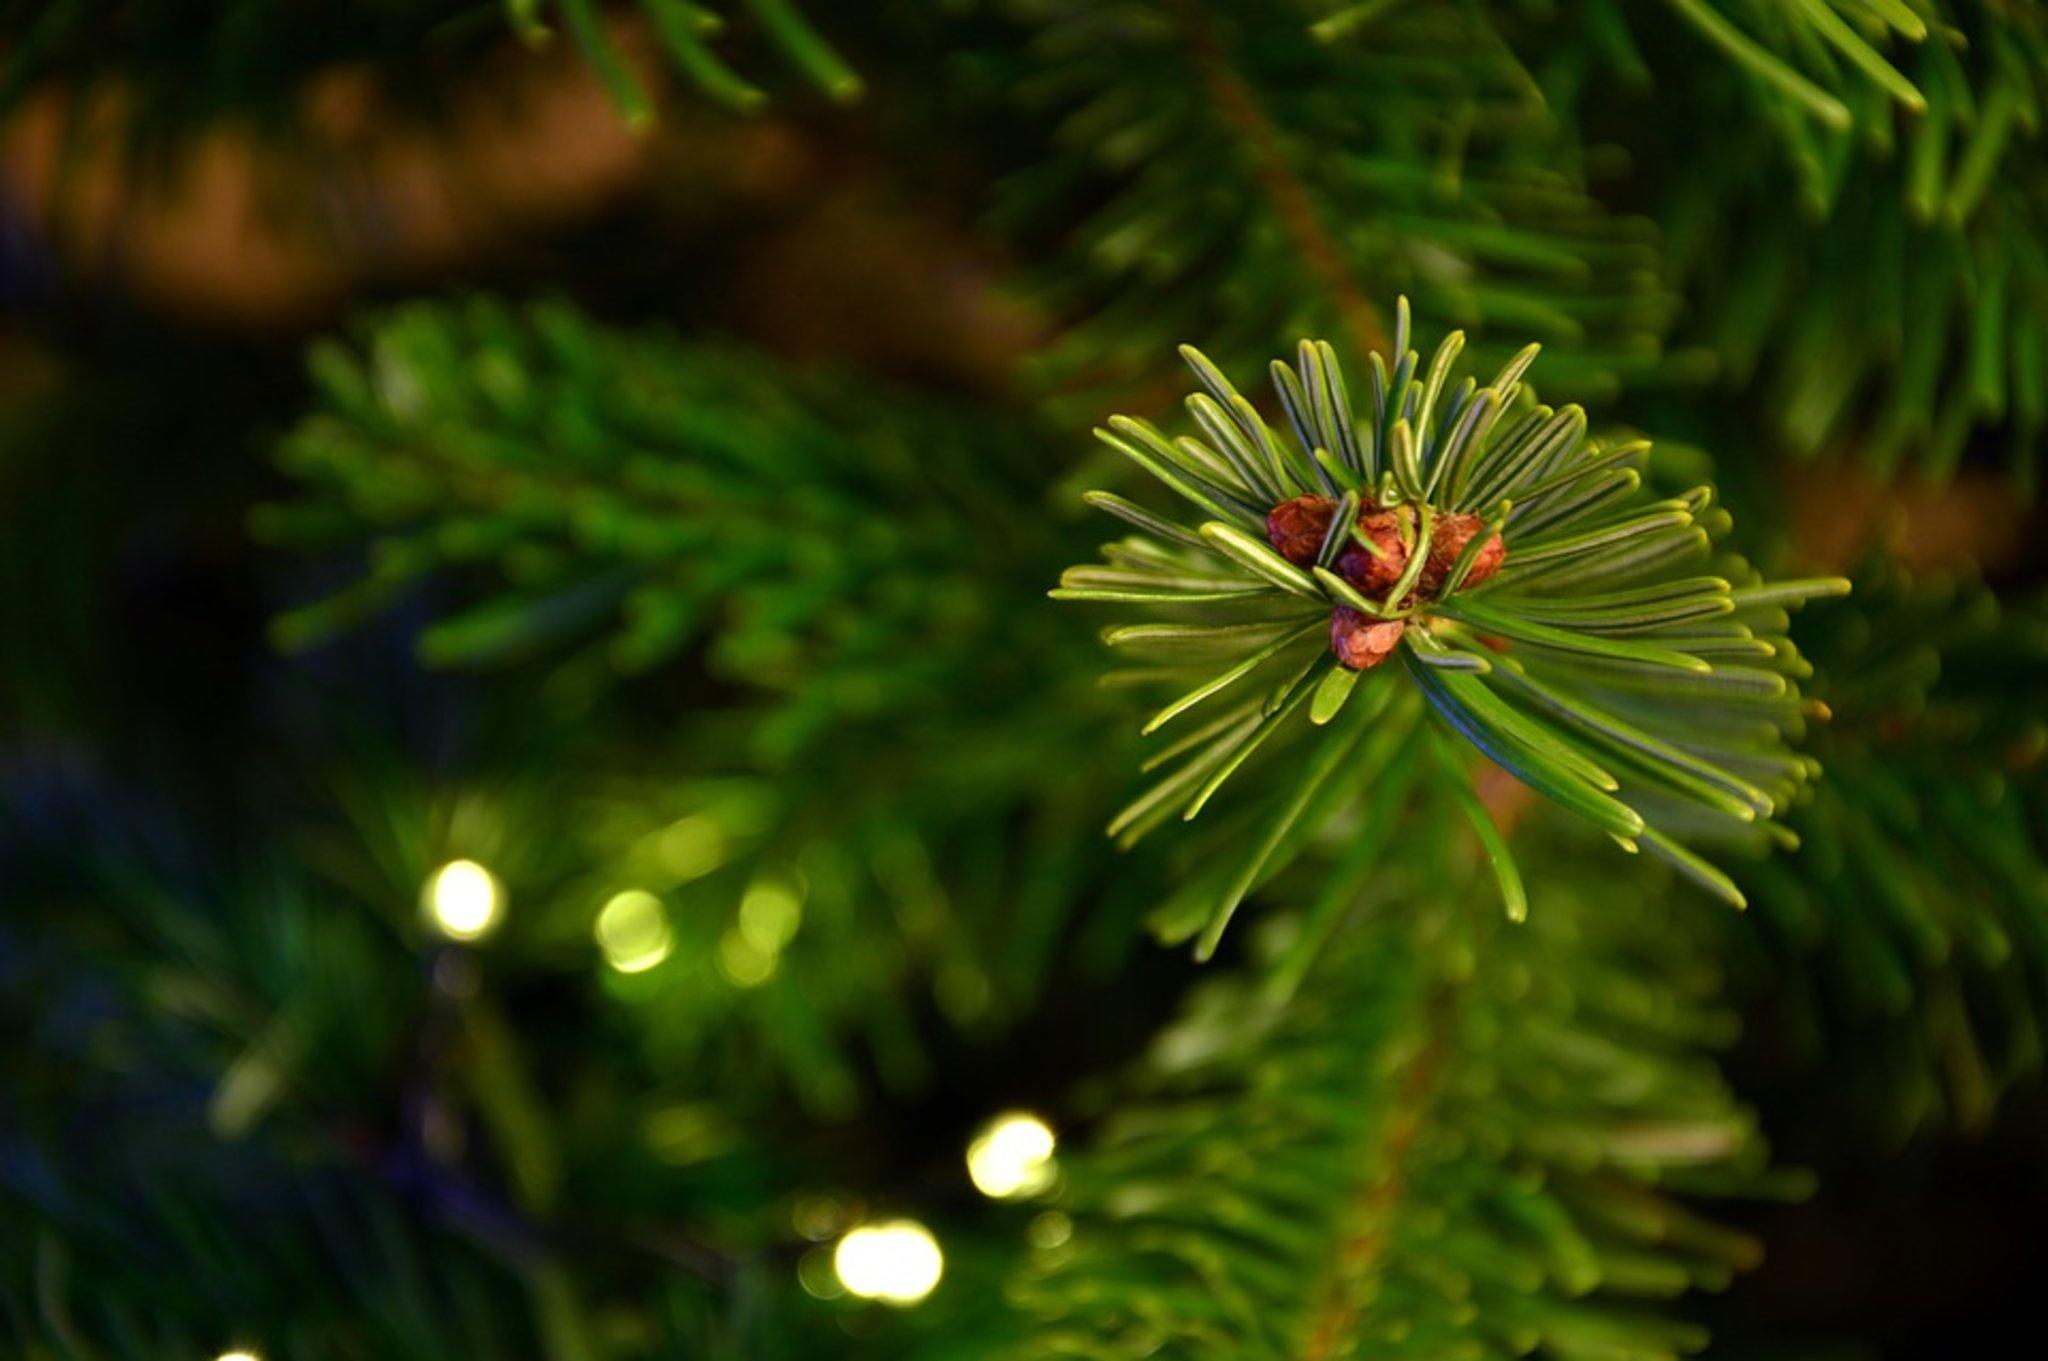 80 Tannenbäume gestohlen in der Vorweihnachtszeit - Marl - Lokalkompass.de